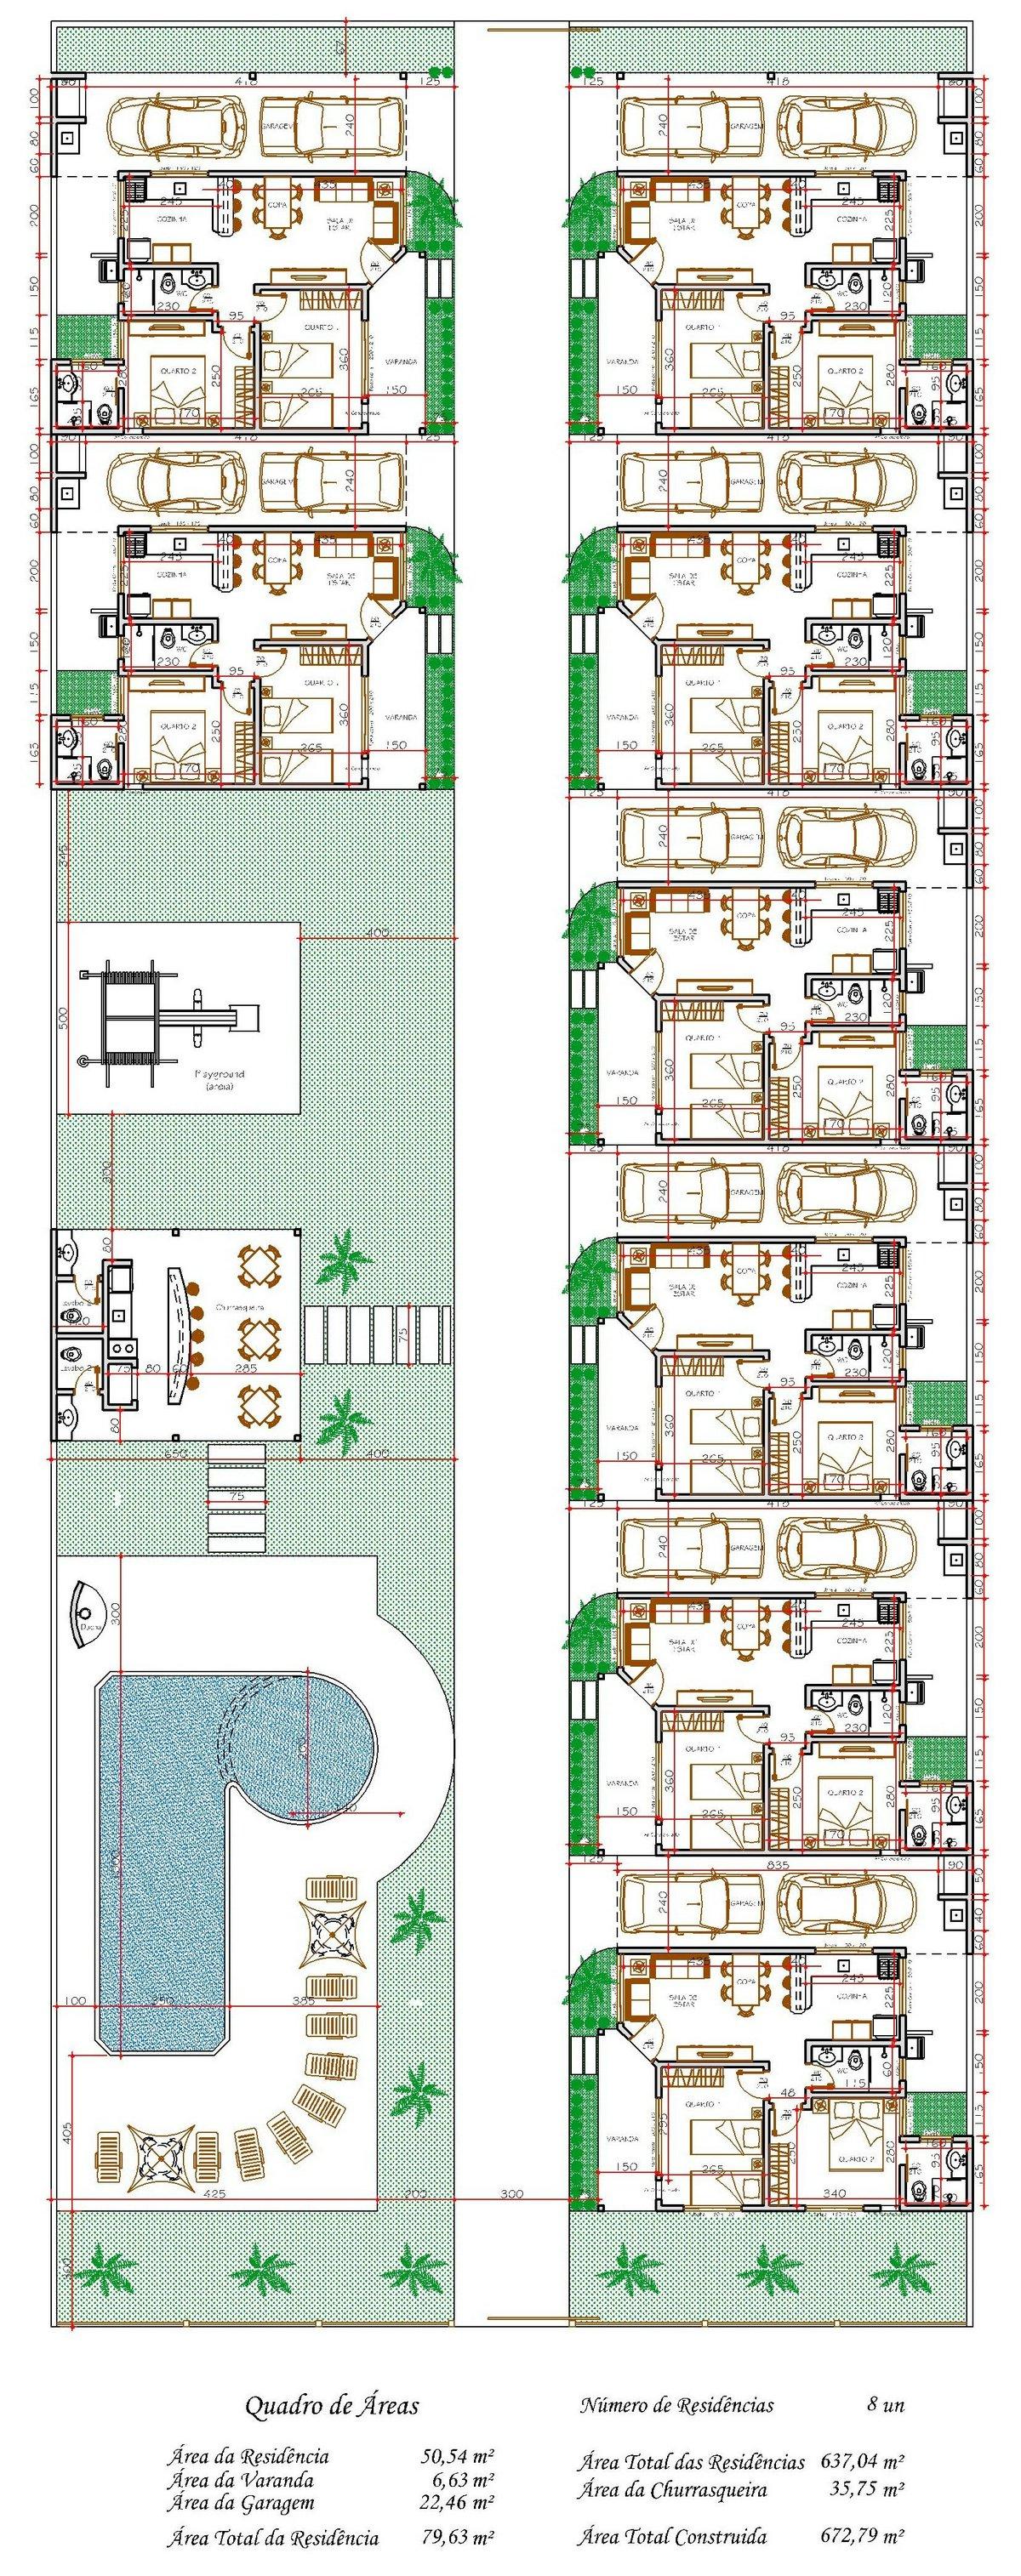 Condomínio  -  79.63m²